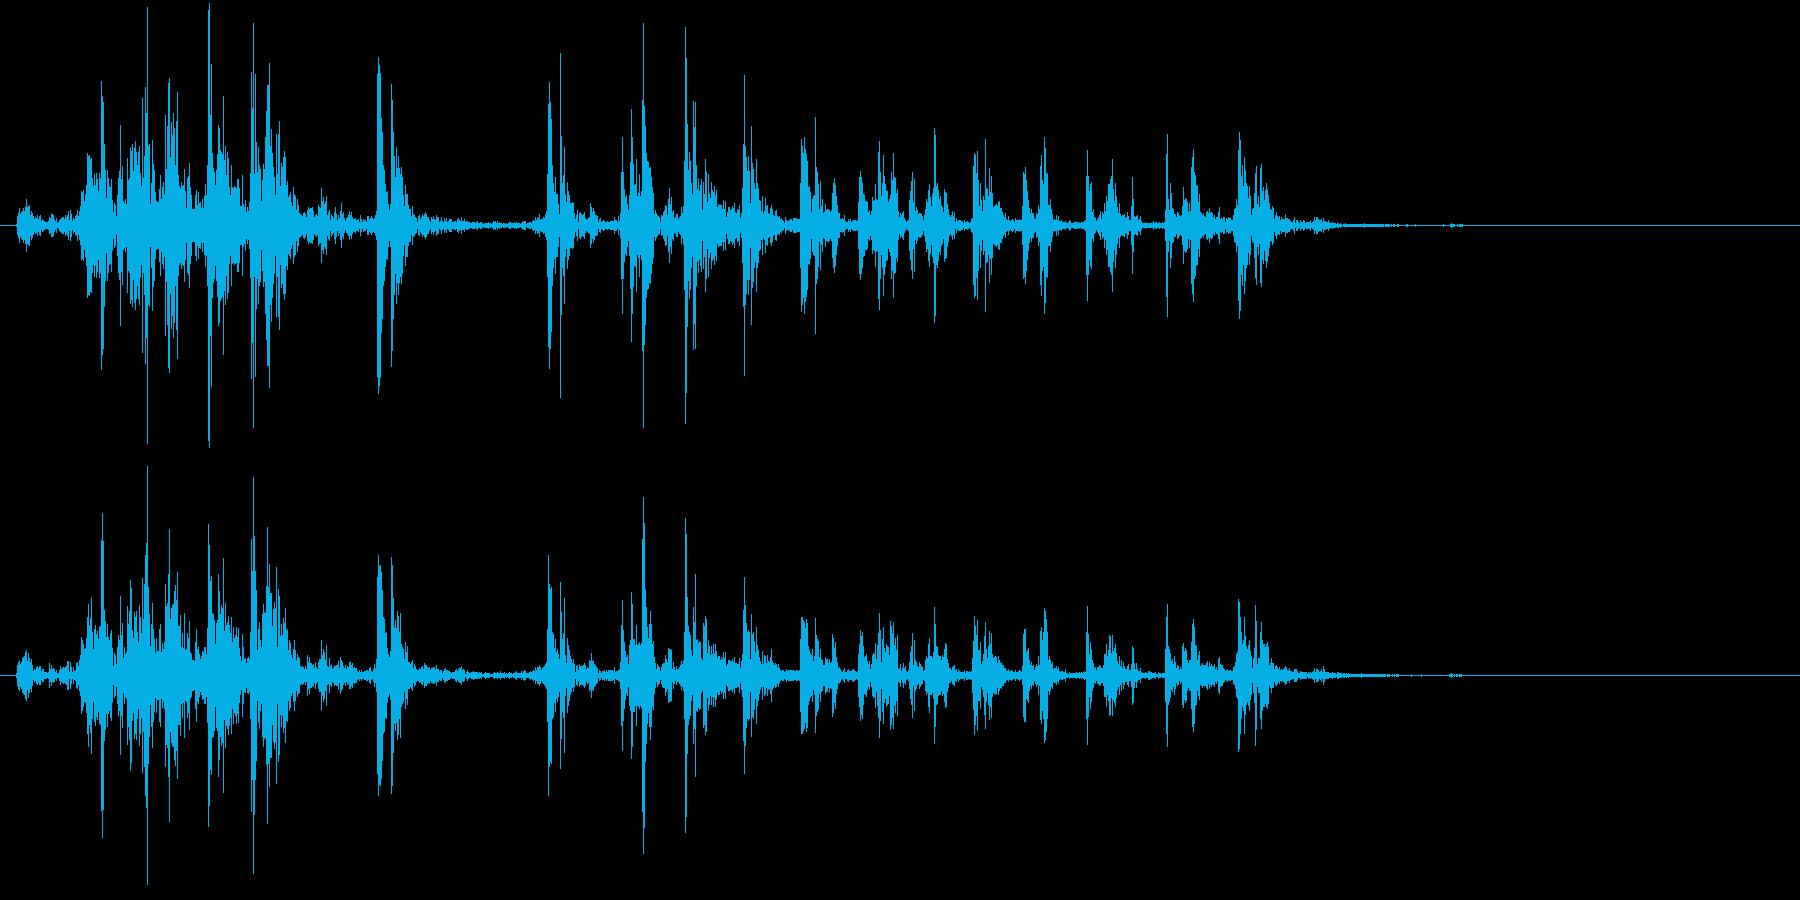 【生録音】カッターナイフの音 20の再生済みの波形